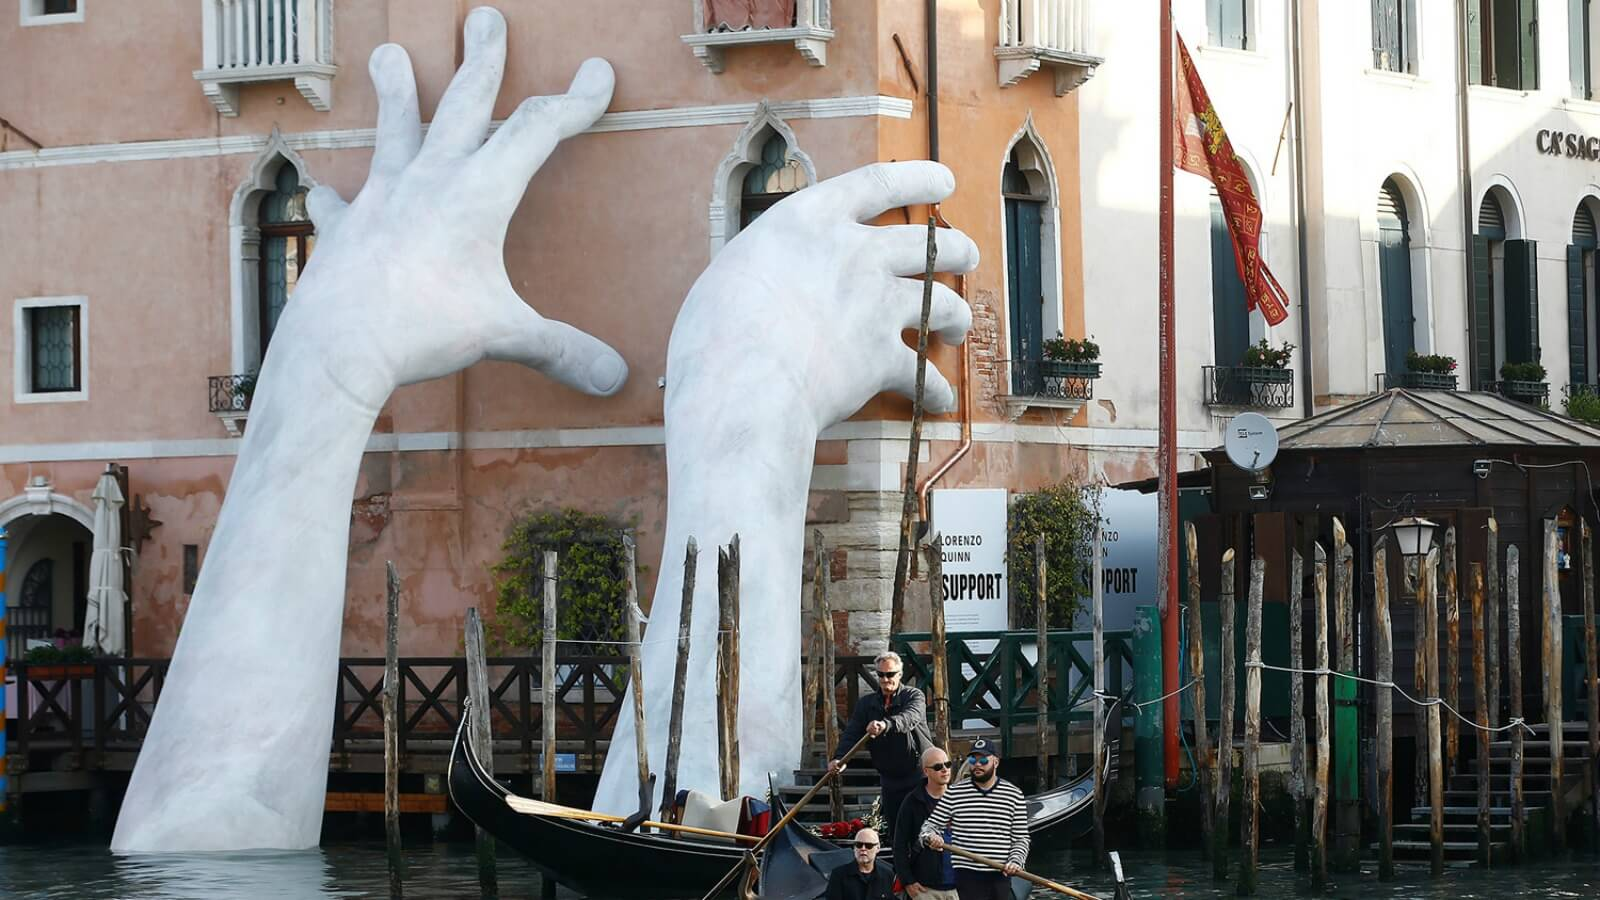 Los trabajos más destacados hasta el momento en la Bienal de Venecia ?